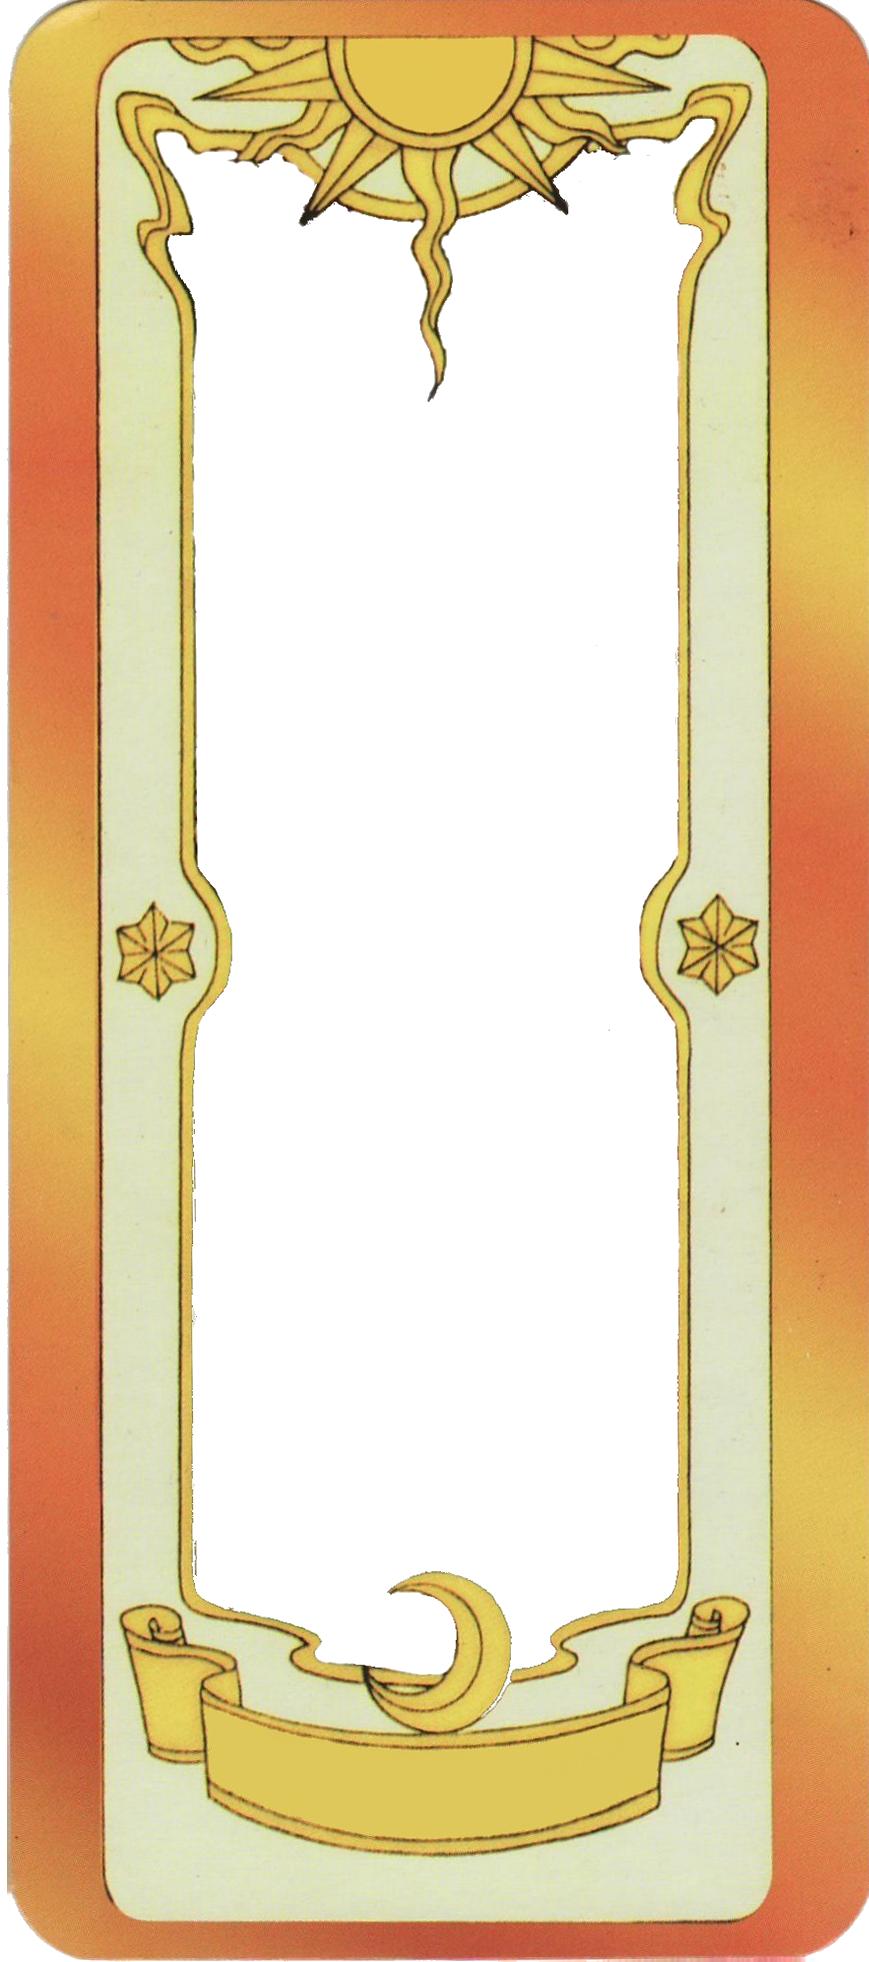 Clow Card Template by chocassajulie